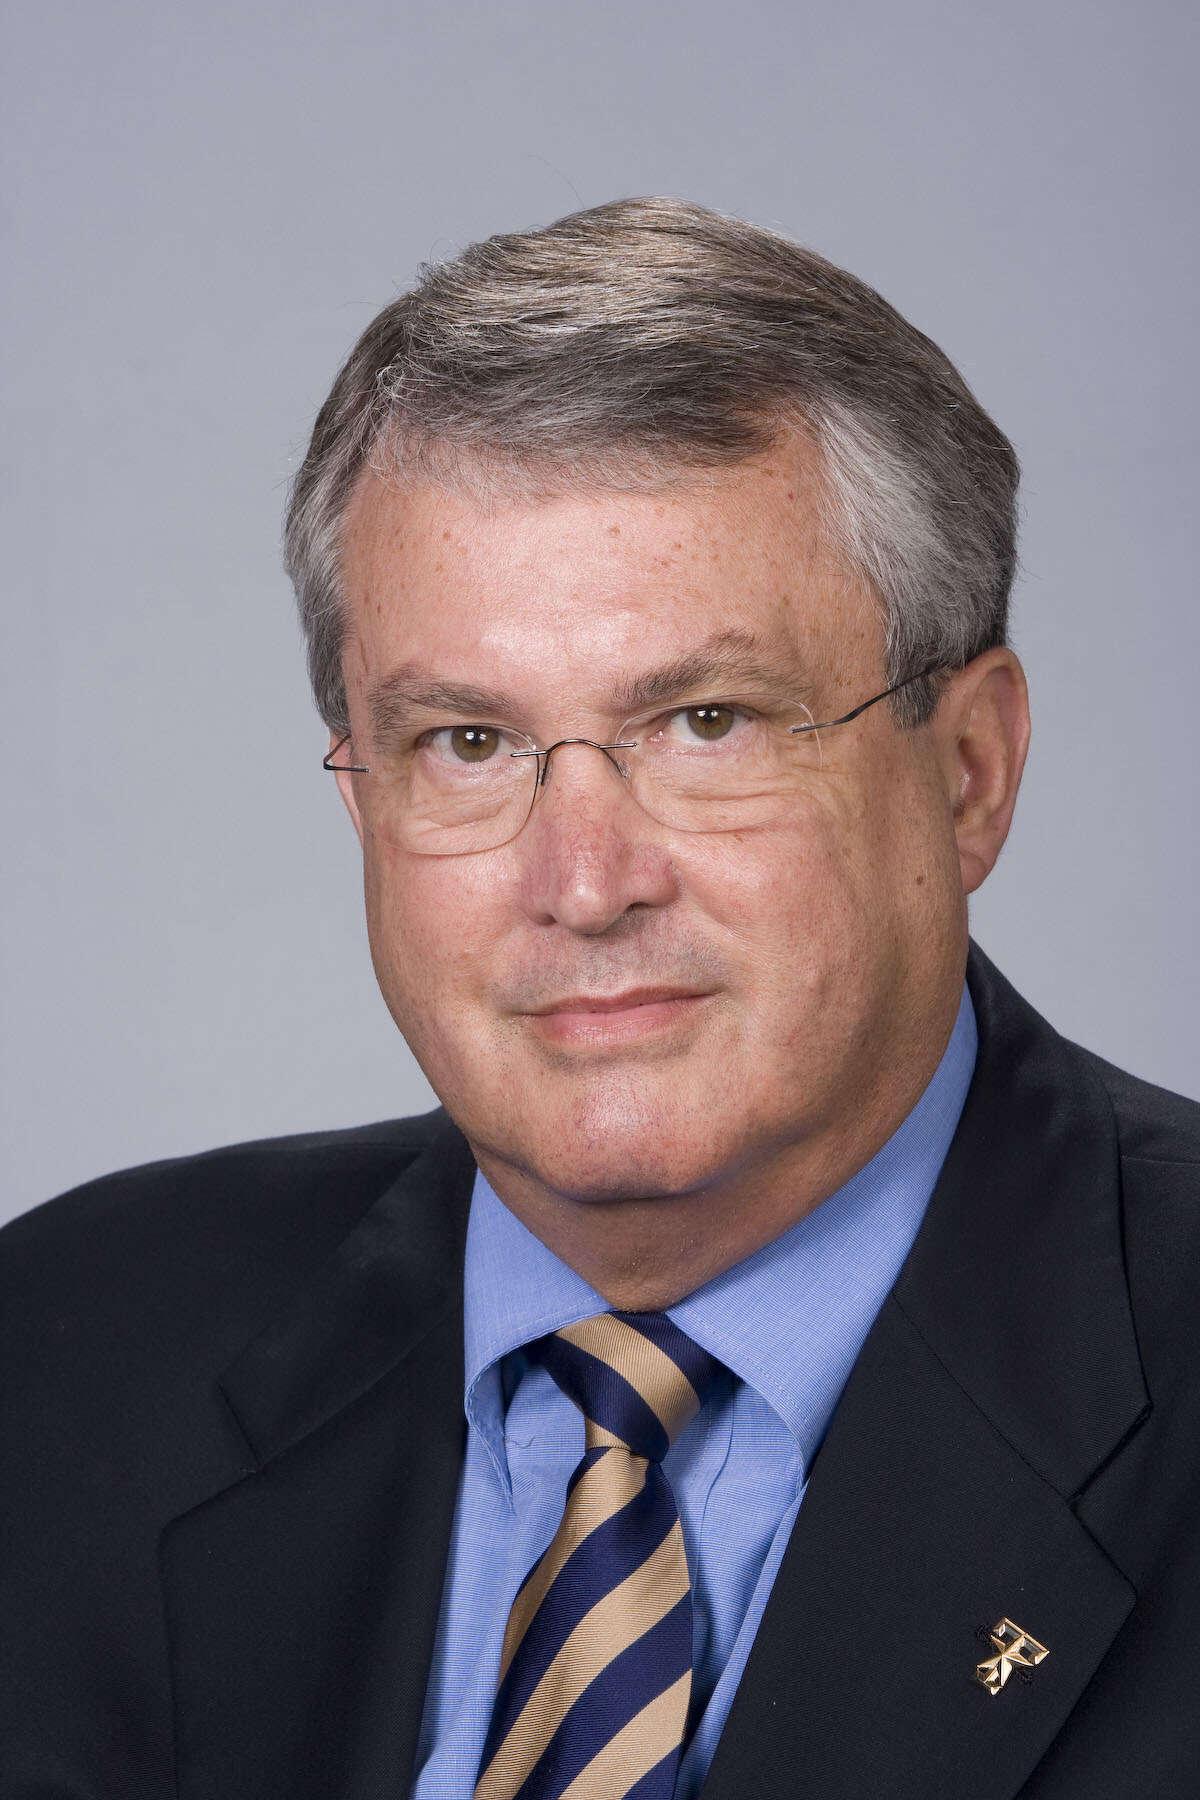 Bill Byrne Athletic Director Texas A&M University 2009 school photo